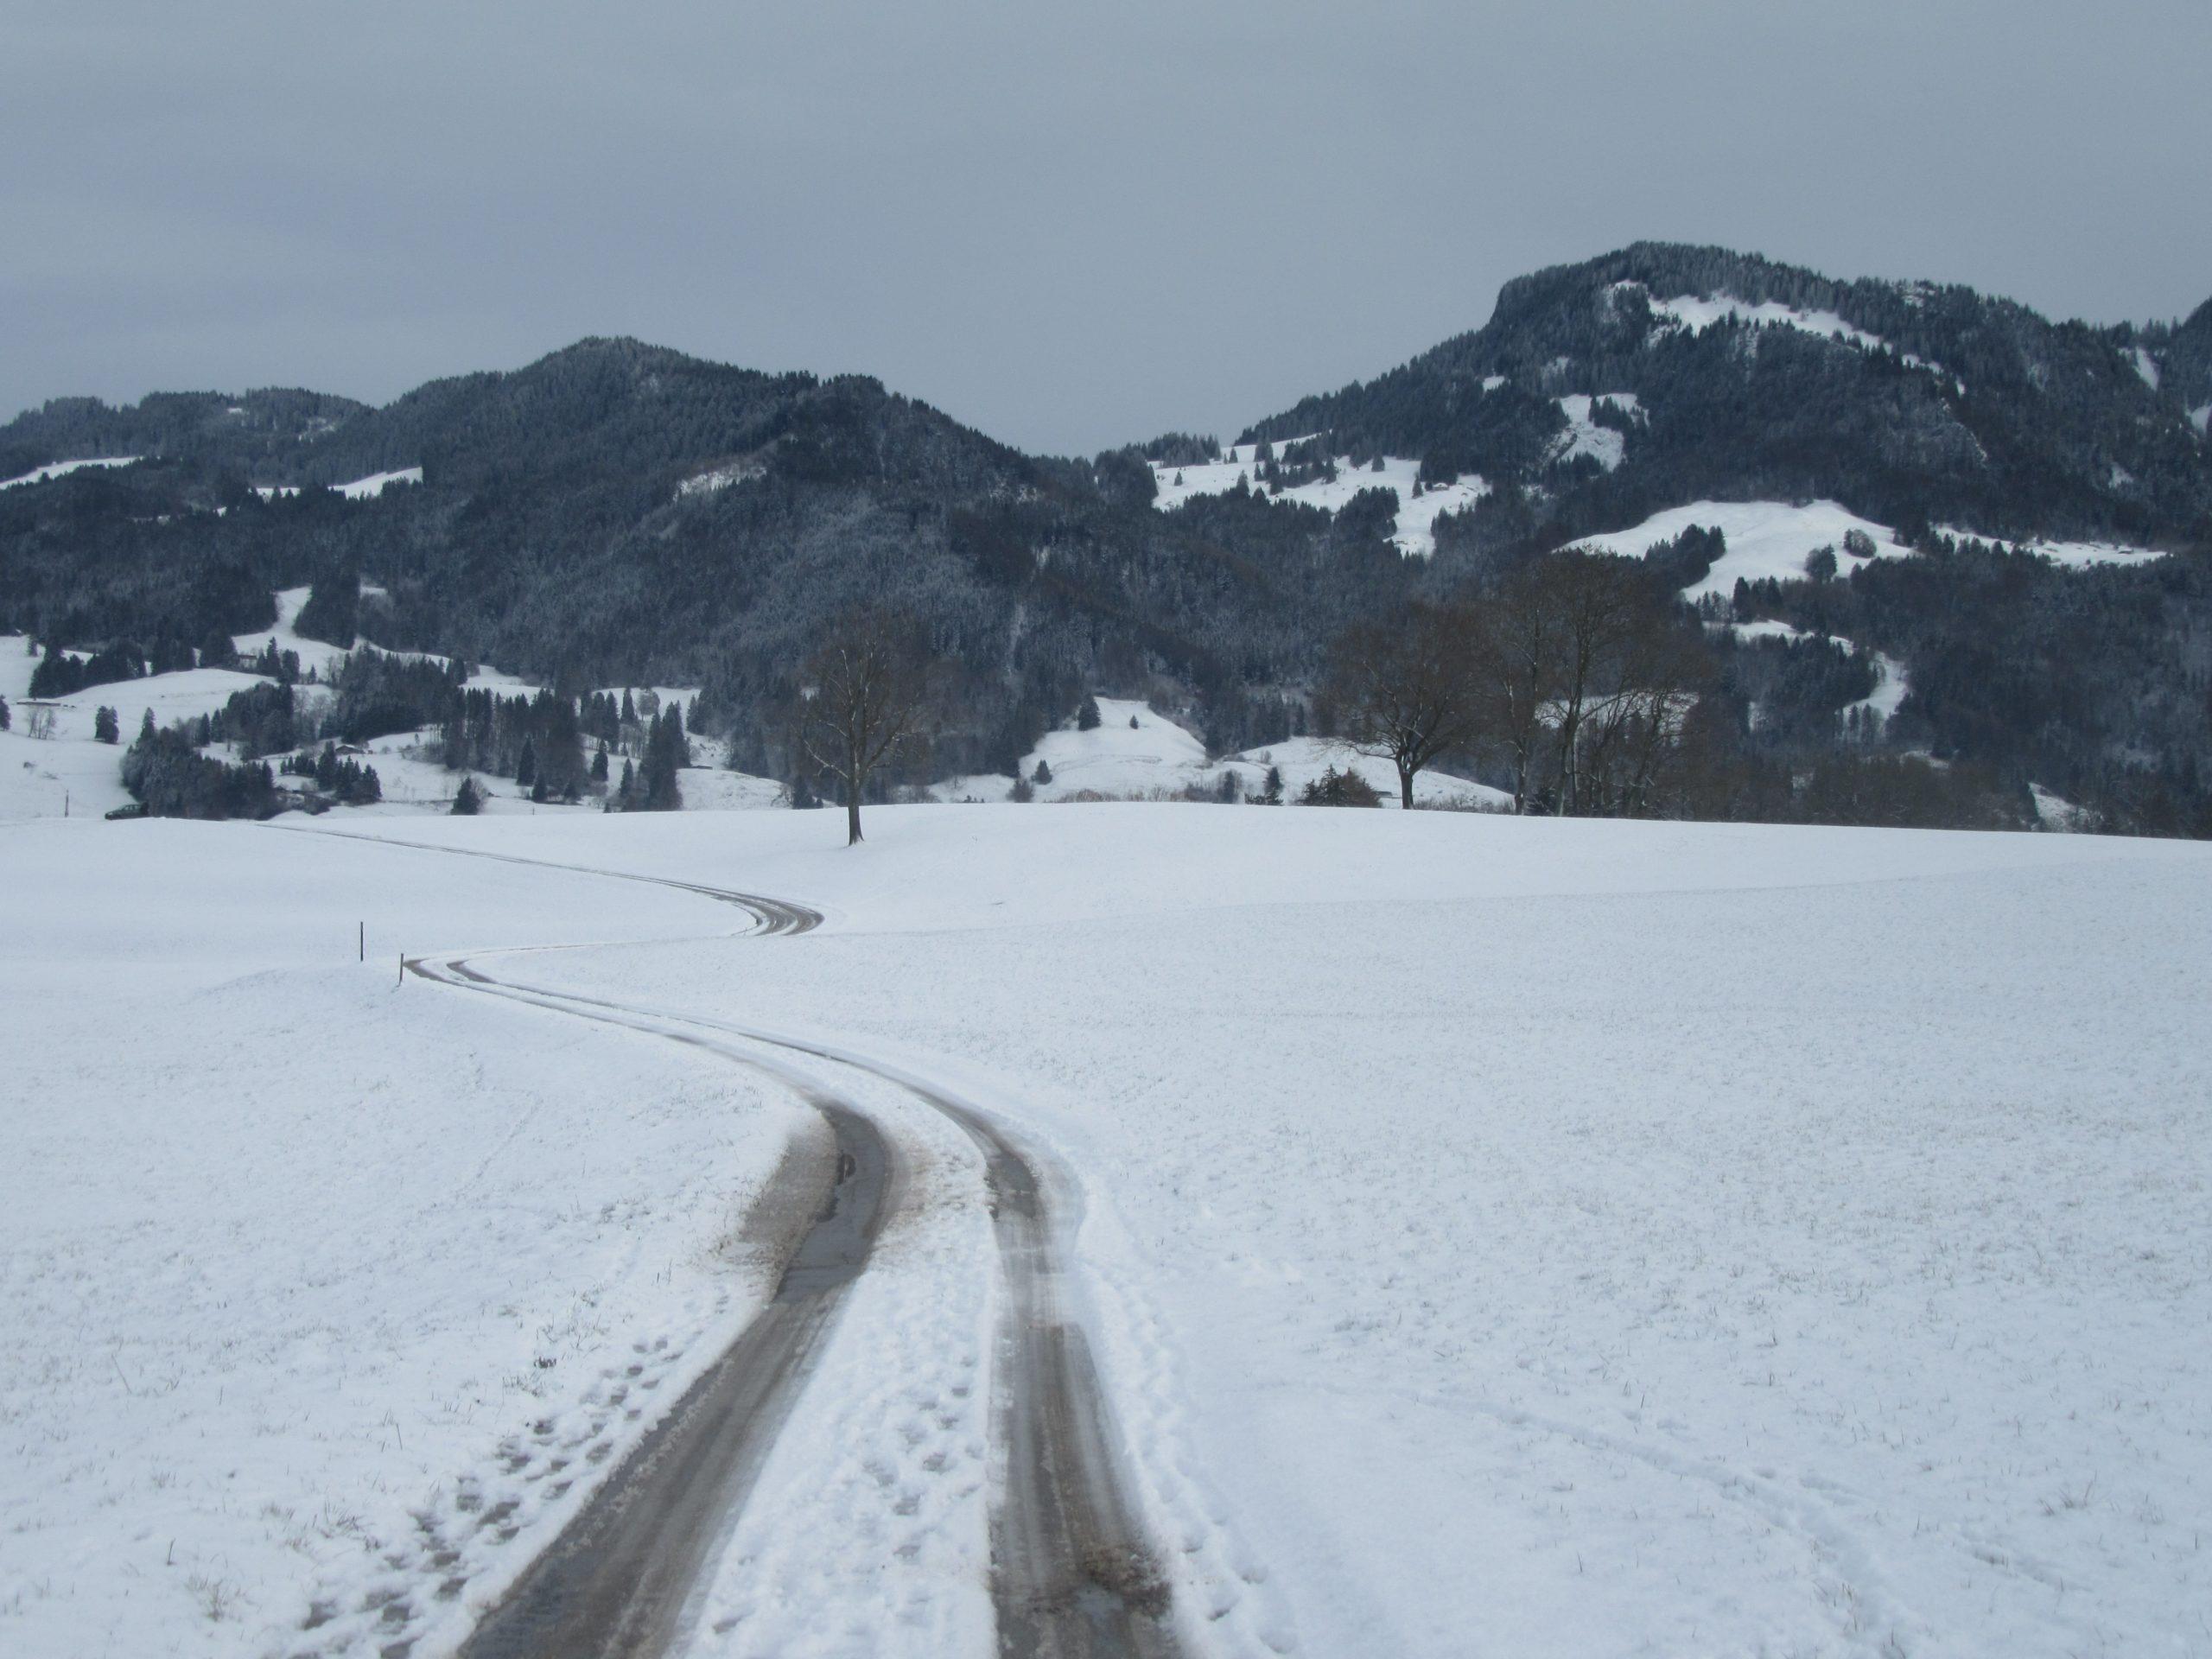 montagnes enneigées en Suisse